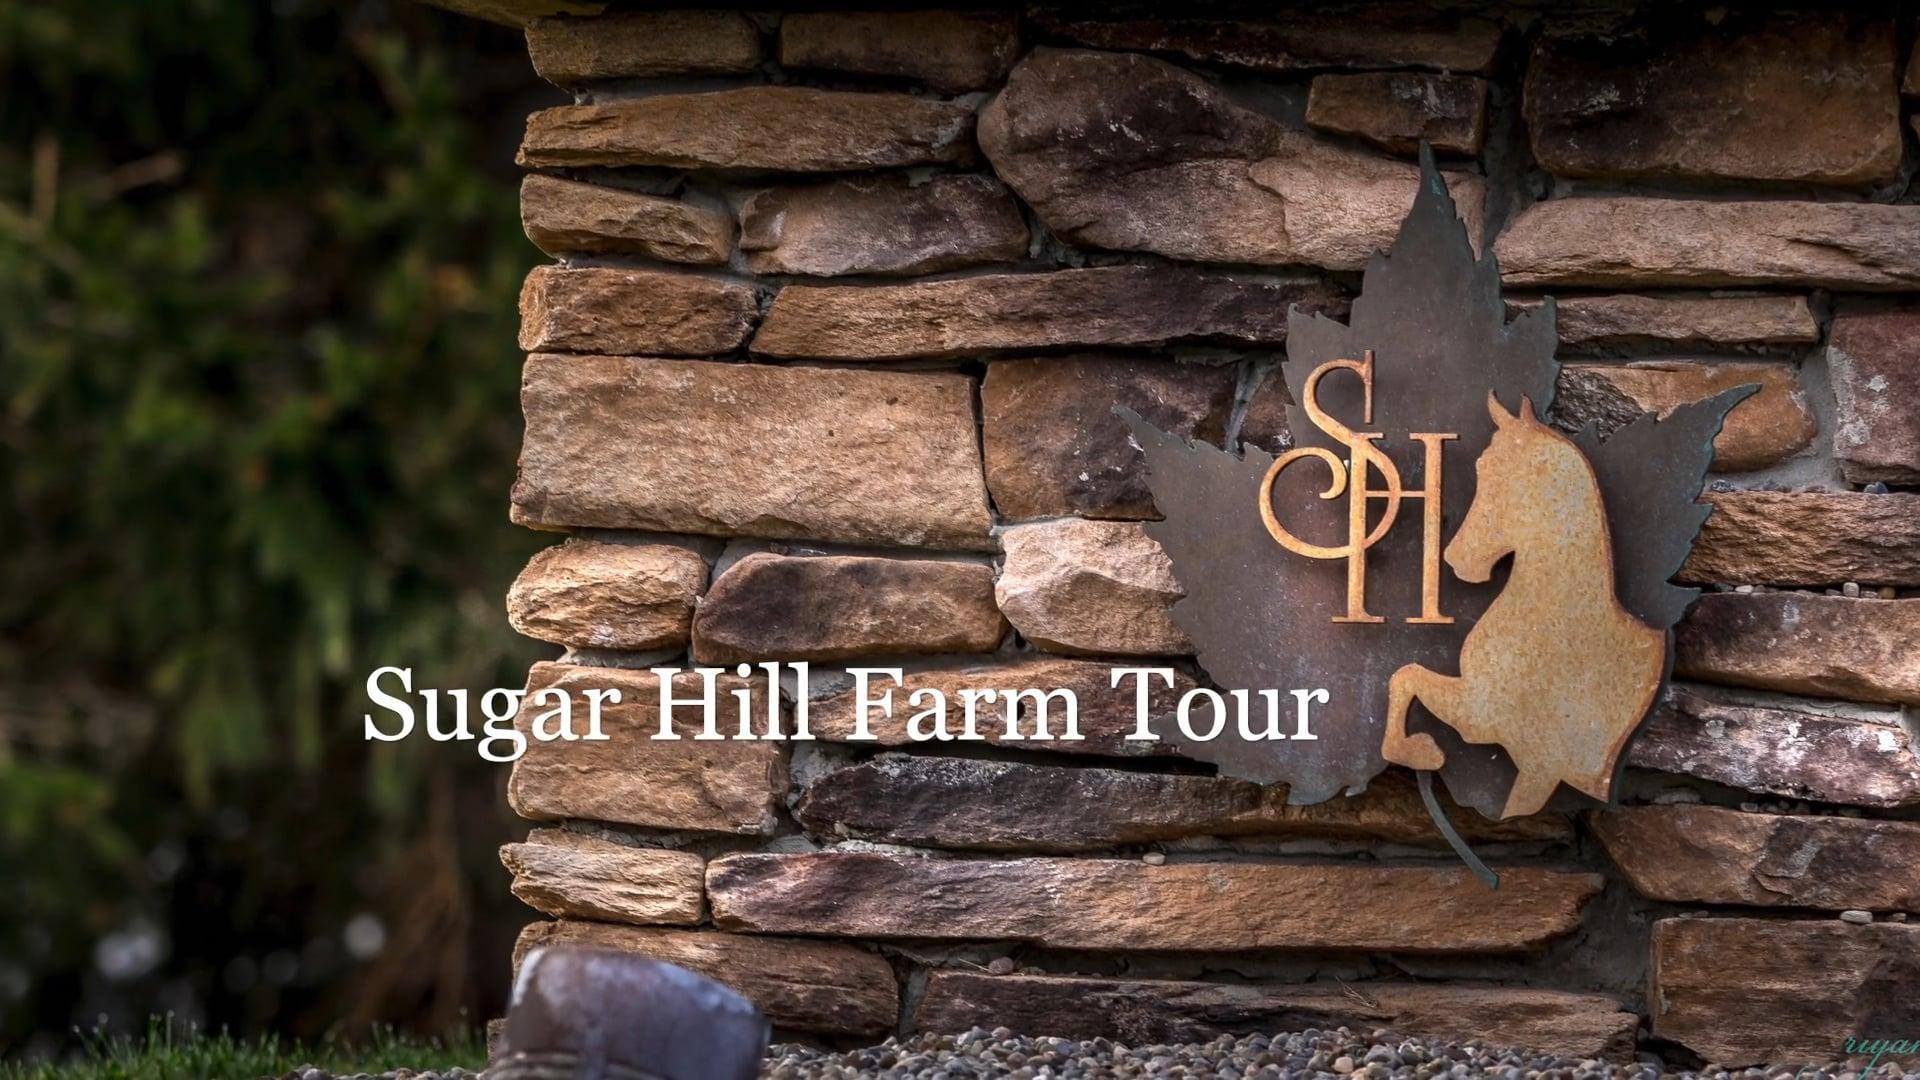 Sugar Hill Farm Tour